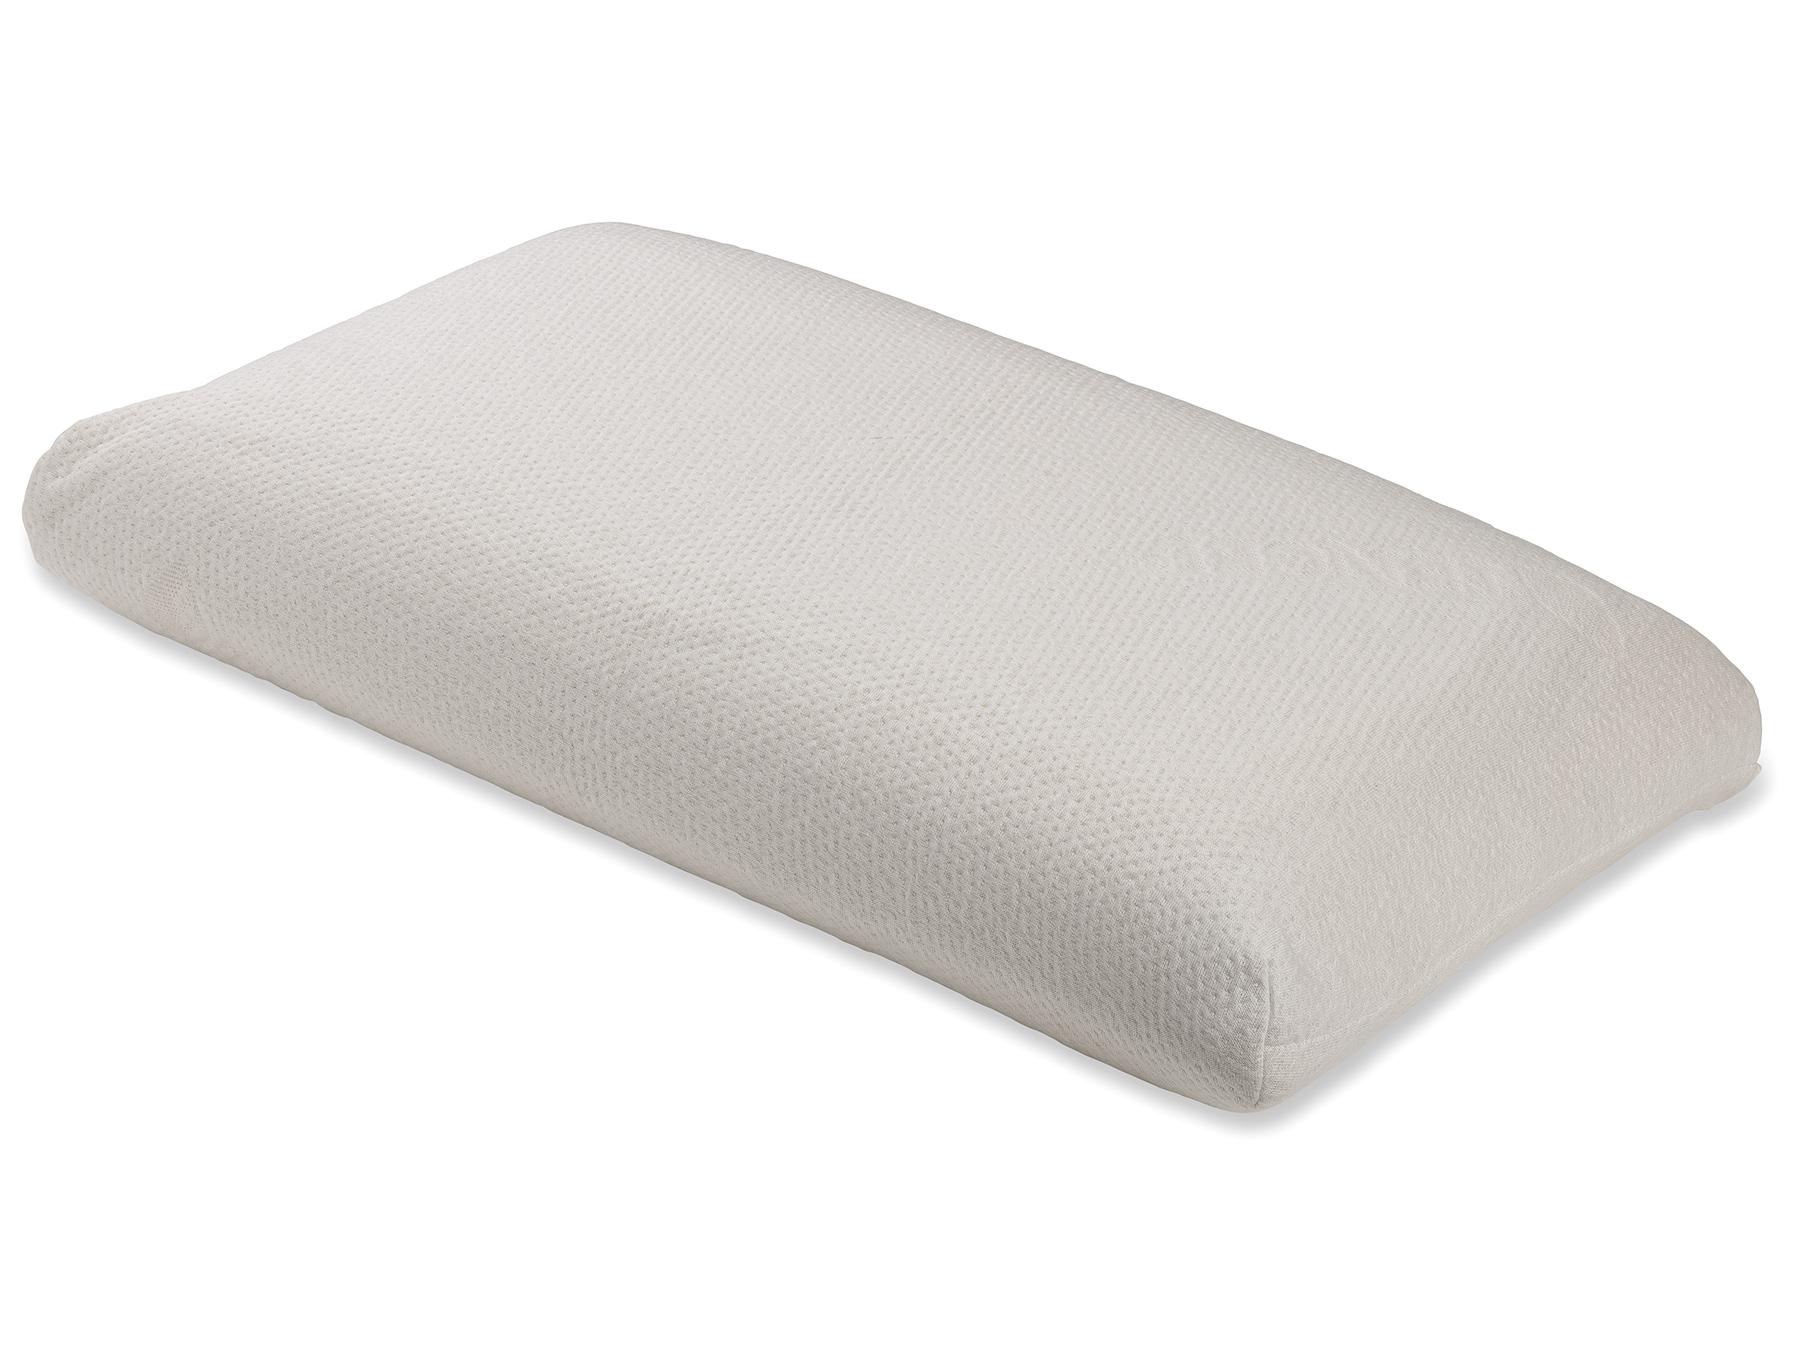 Durch den seifenförmigen Schnitt für alle Schlafpositionen geeignet.